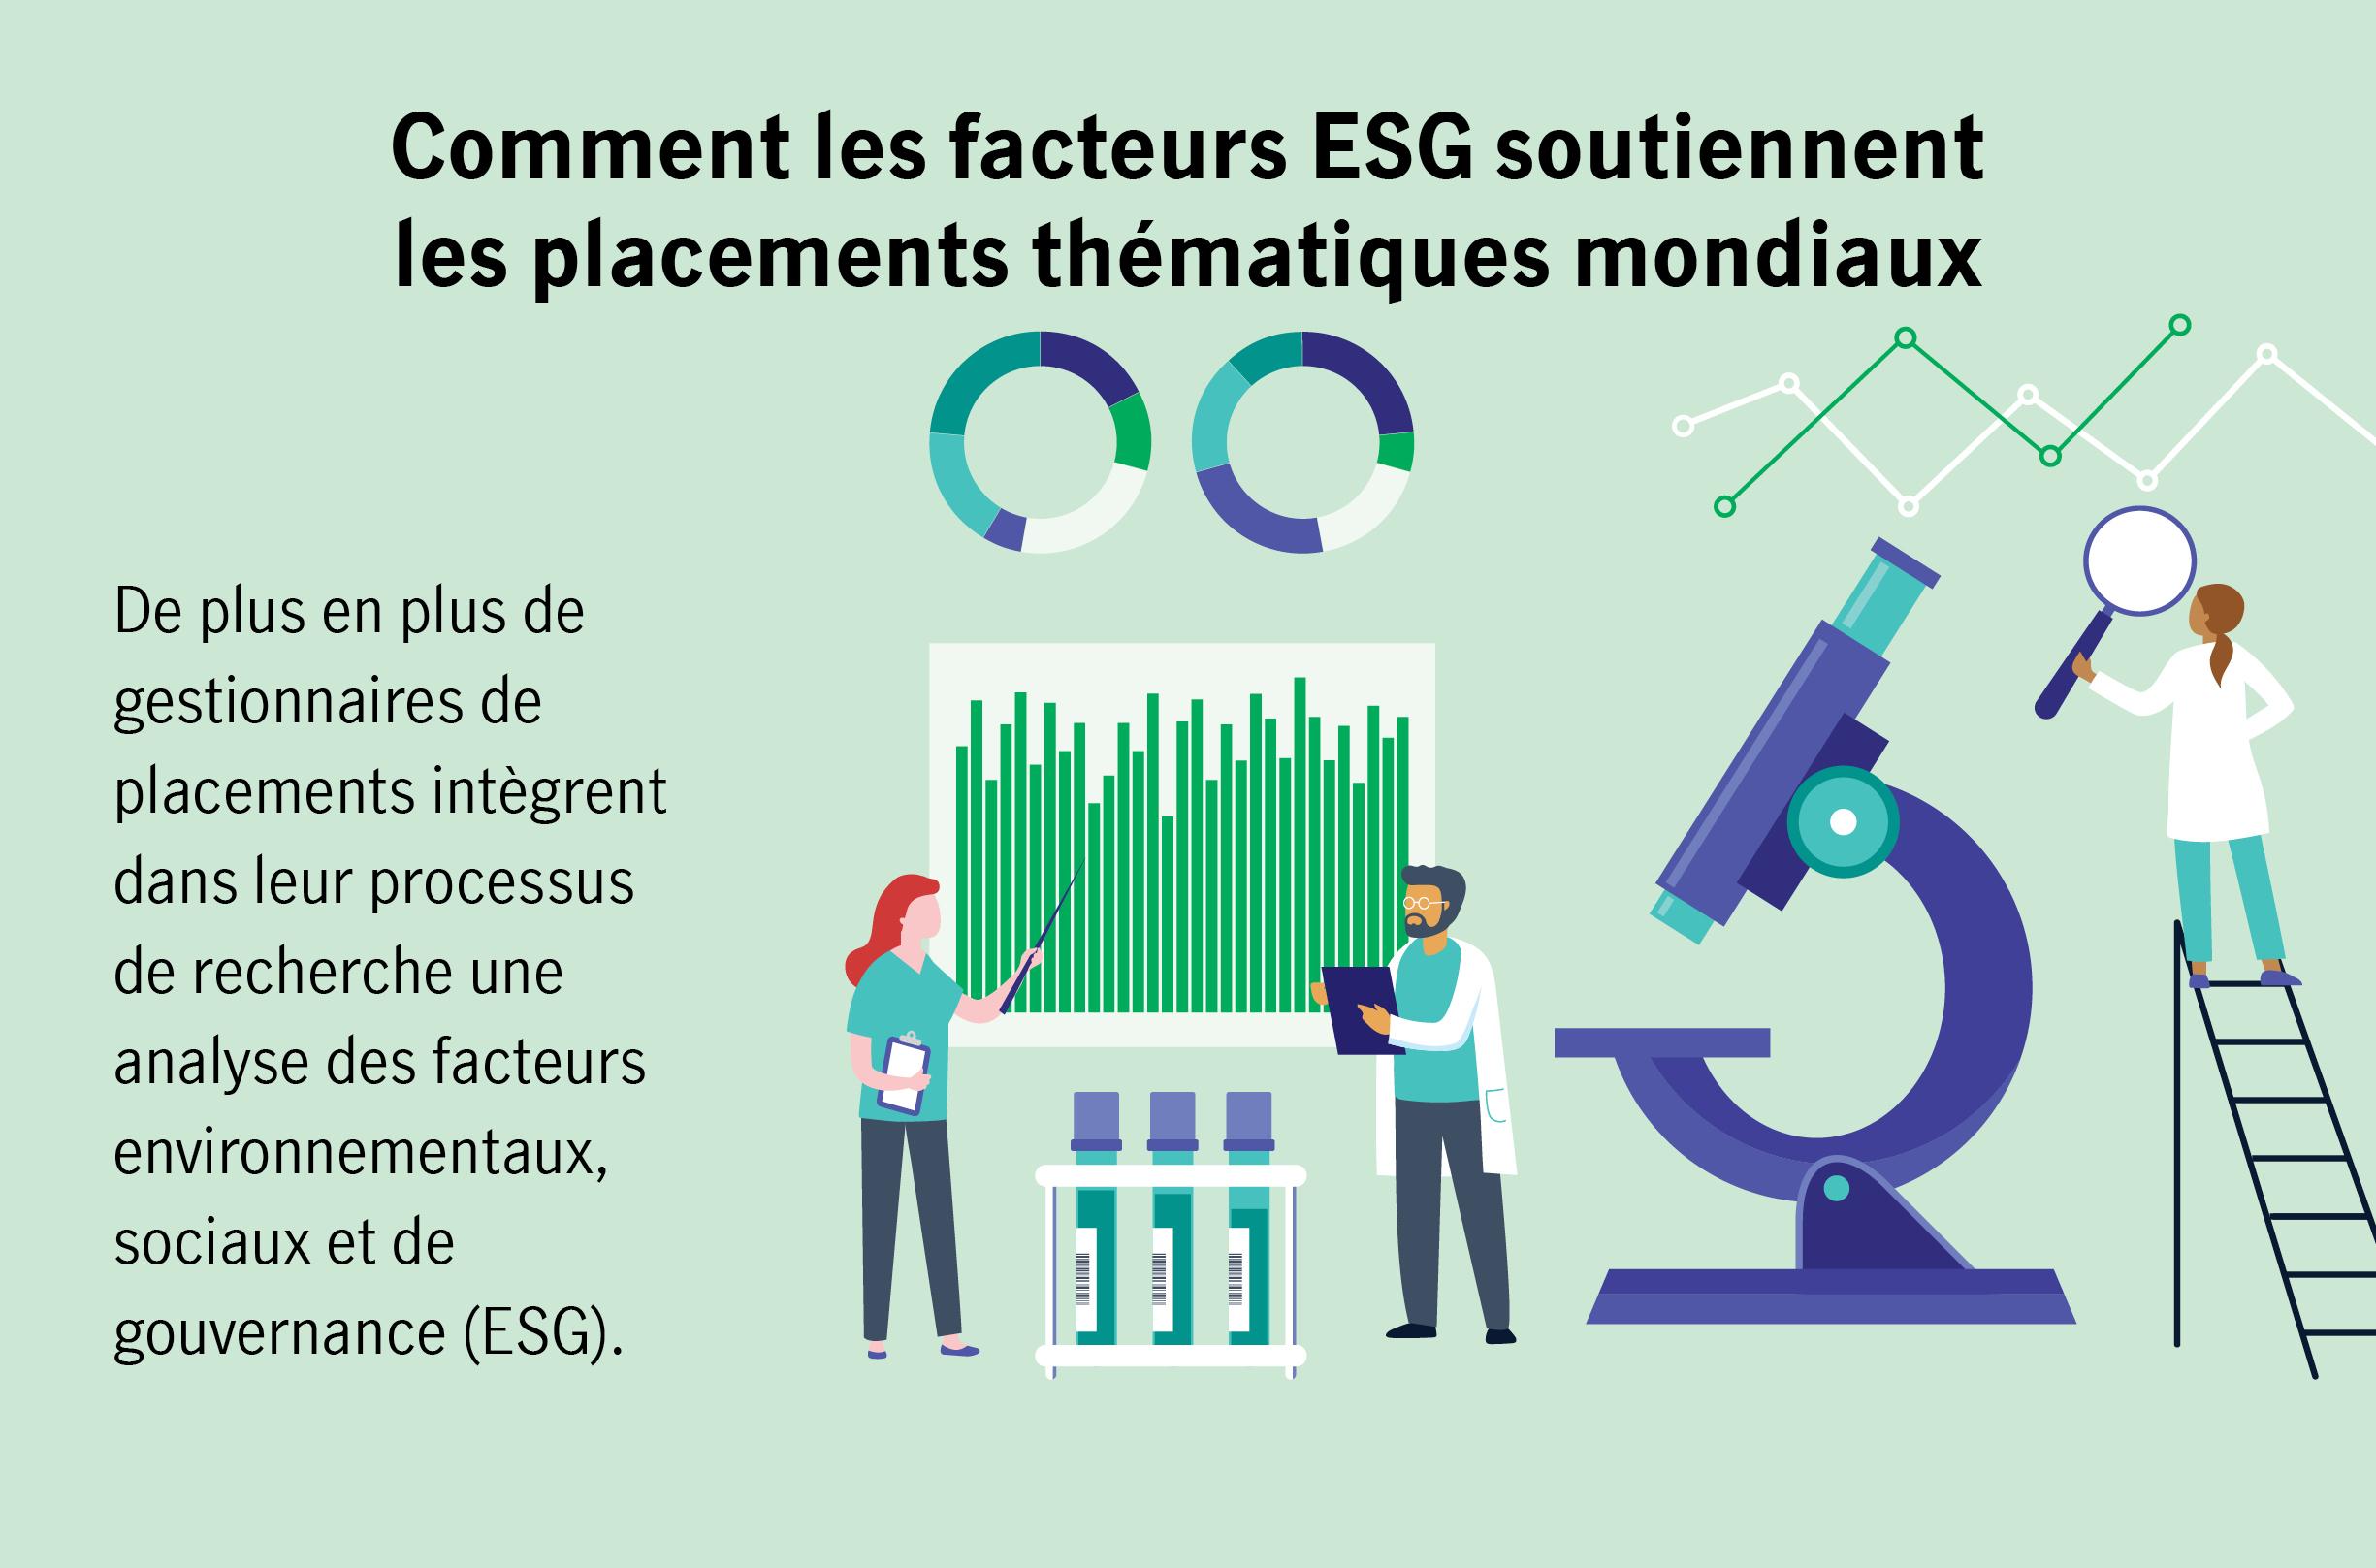 Comment les facteurs ESG soutiennent les placements thématiques mondiaux  De plus en plus de gestionnaires de placements intègrent dans leur processus de recherche une analyse des facteurs environnementaux, sociaux et de gouvernance (ESG).